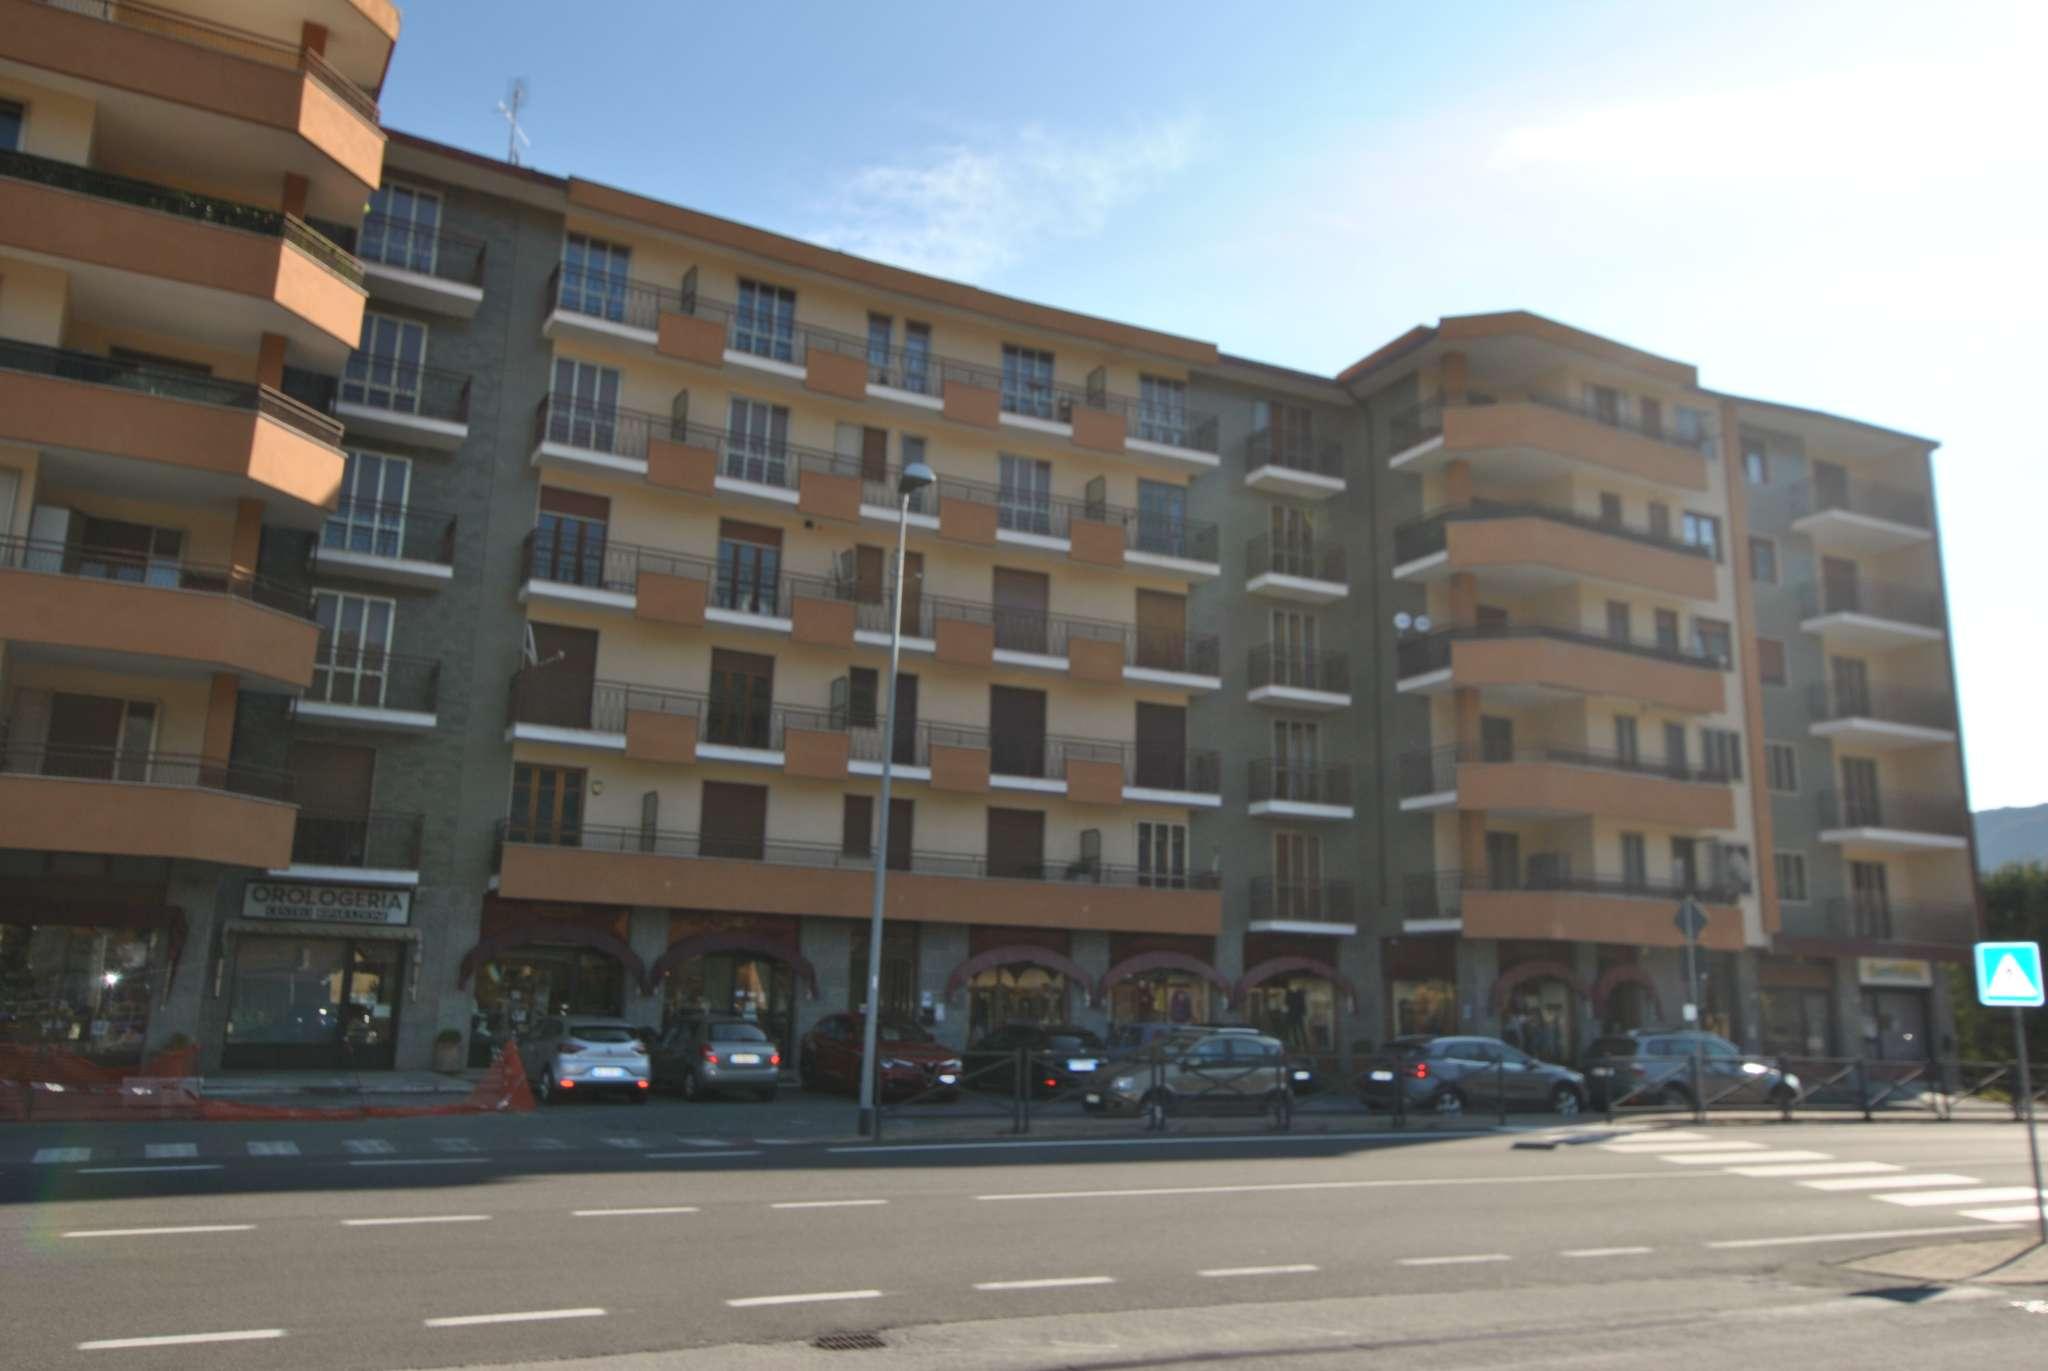 Appartamento in vendita a Borgone Susa, 3 locali, prezzo € 39.000 | PortaleAgenzieImmobiliari.it